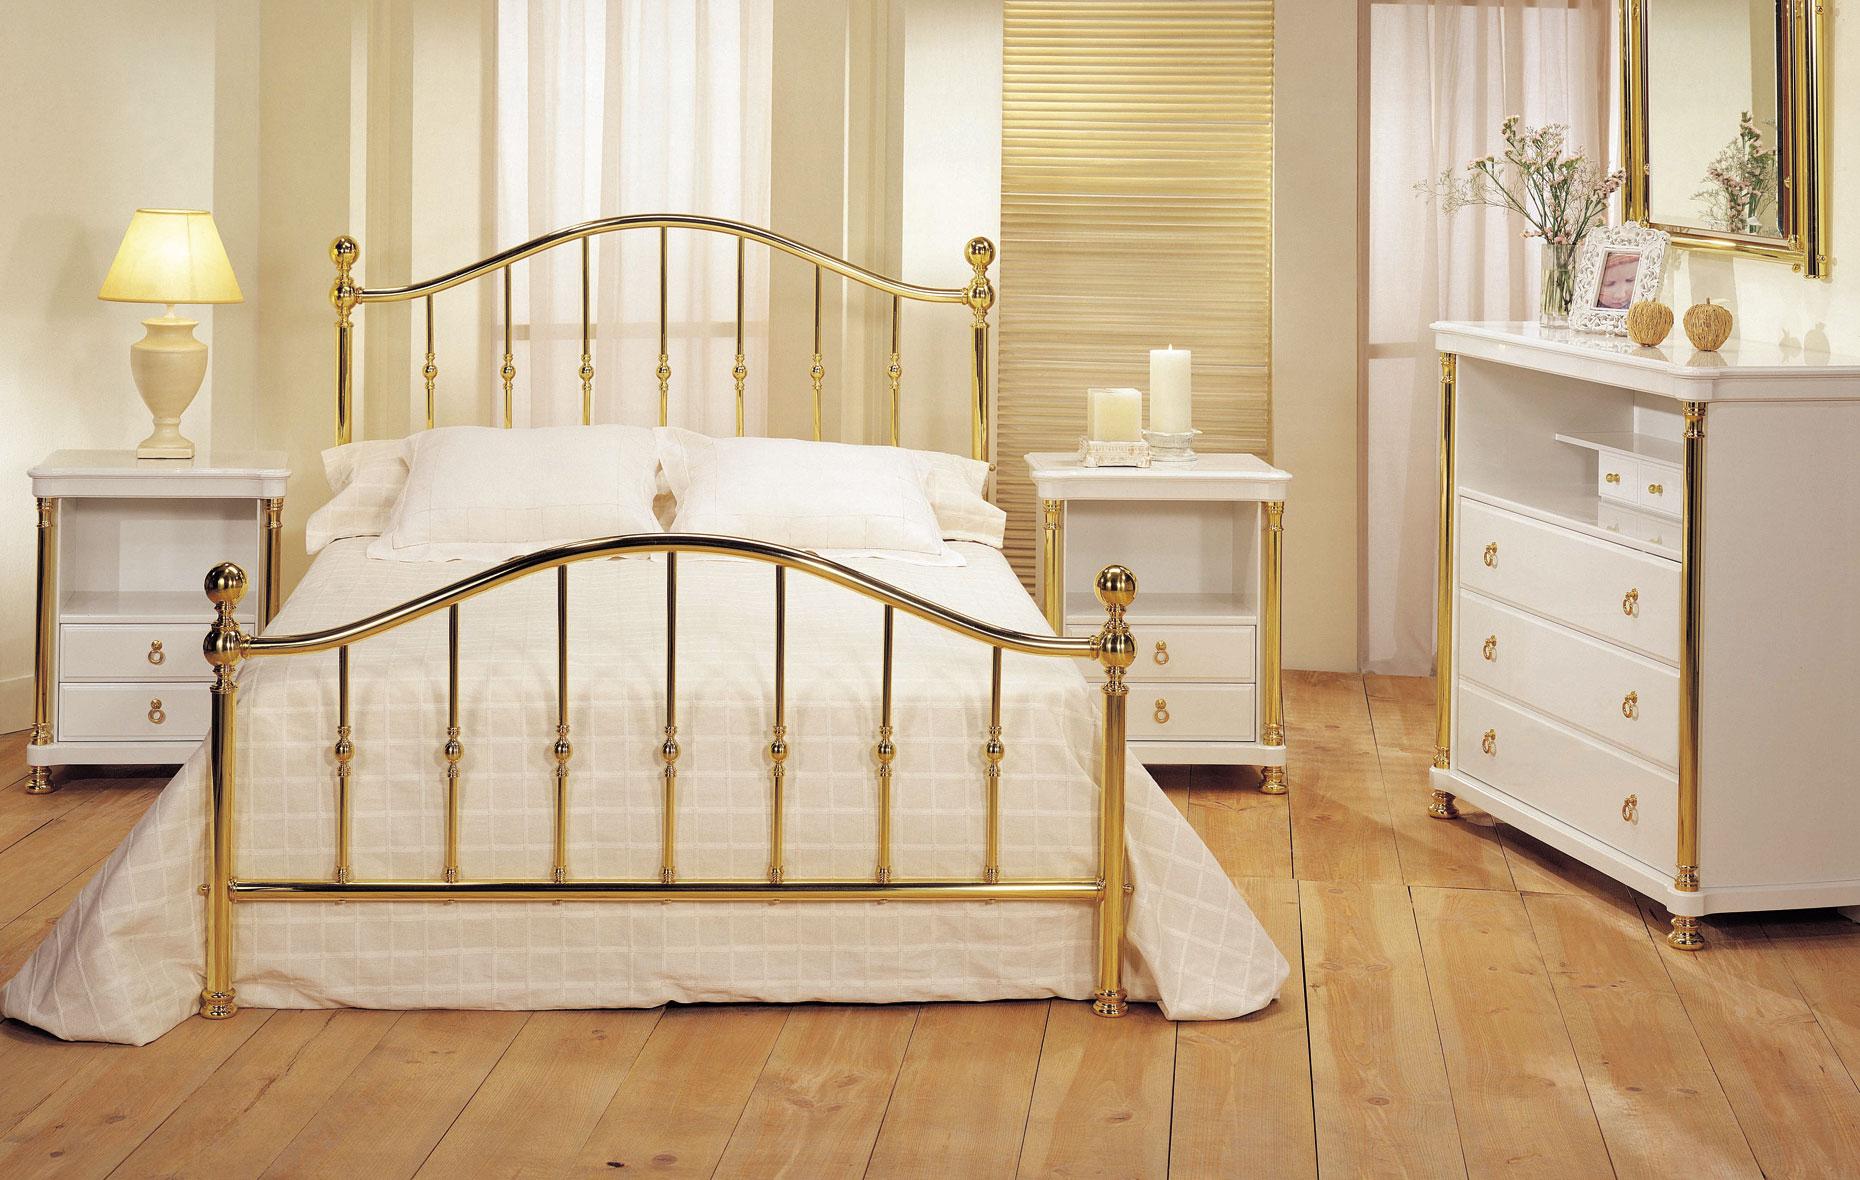 Dormitorios dorados beautiful dormitorio blanco azul foto - Dormitorios dorados ...